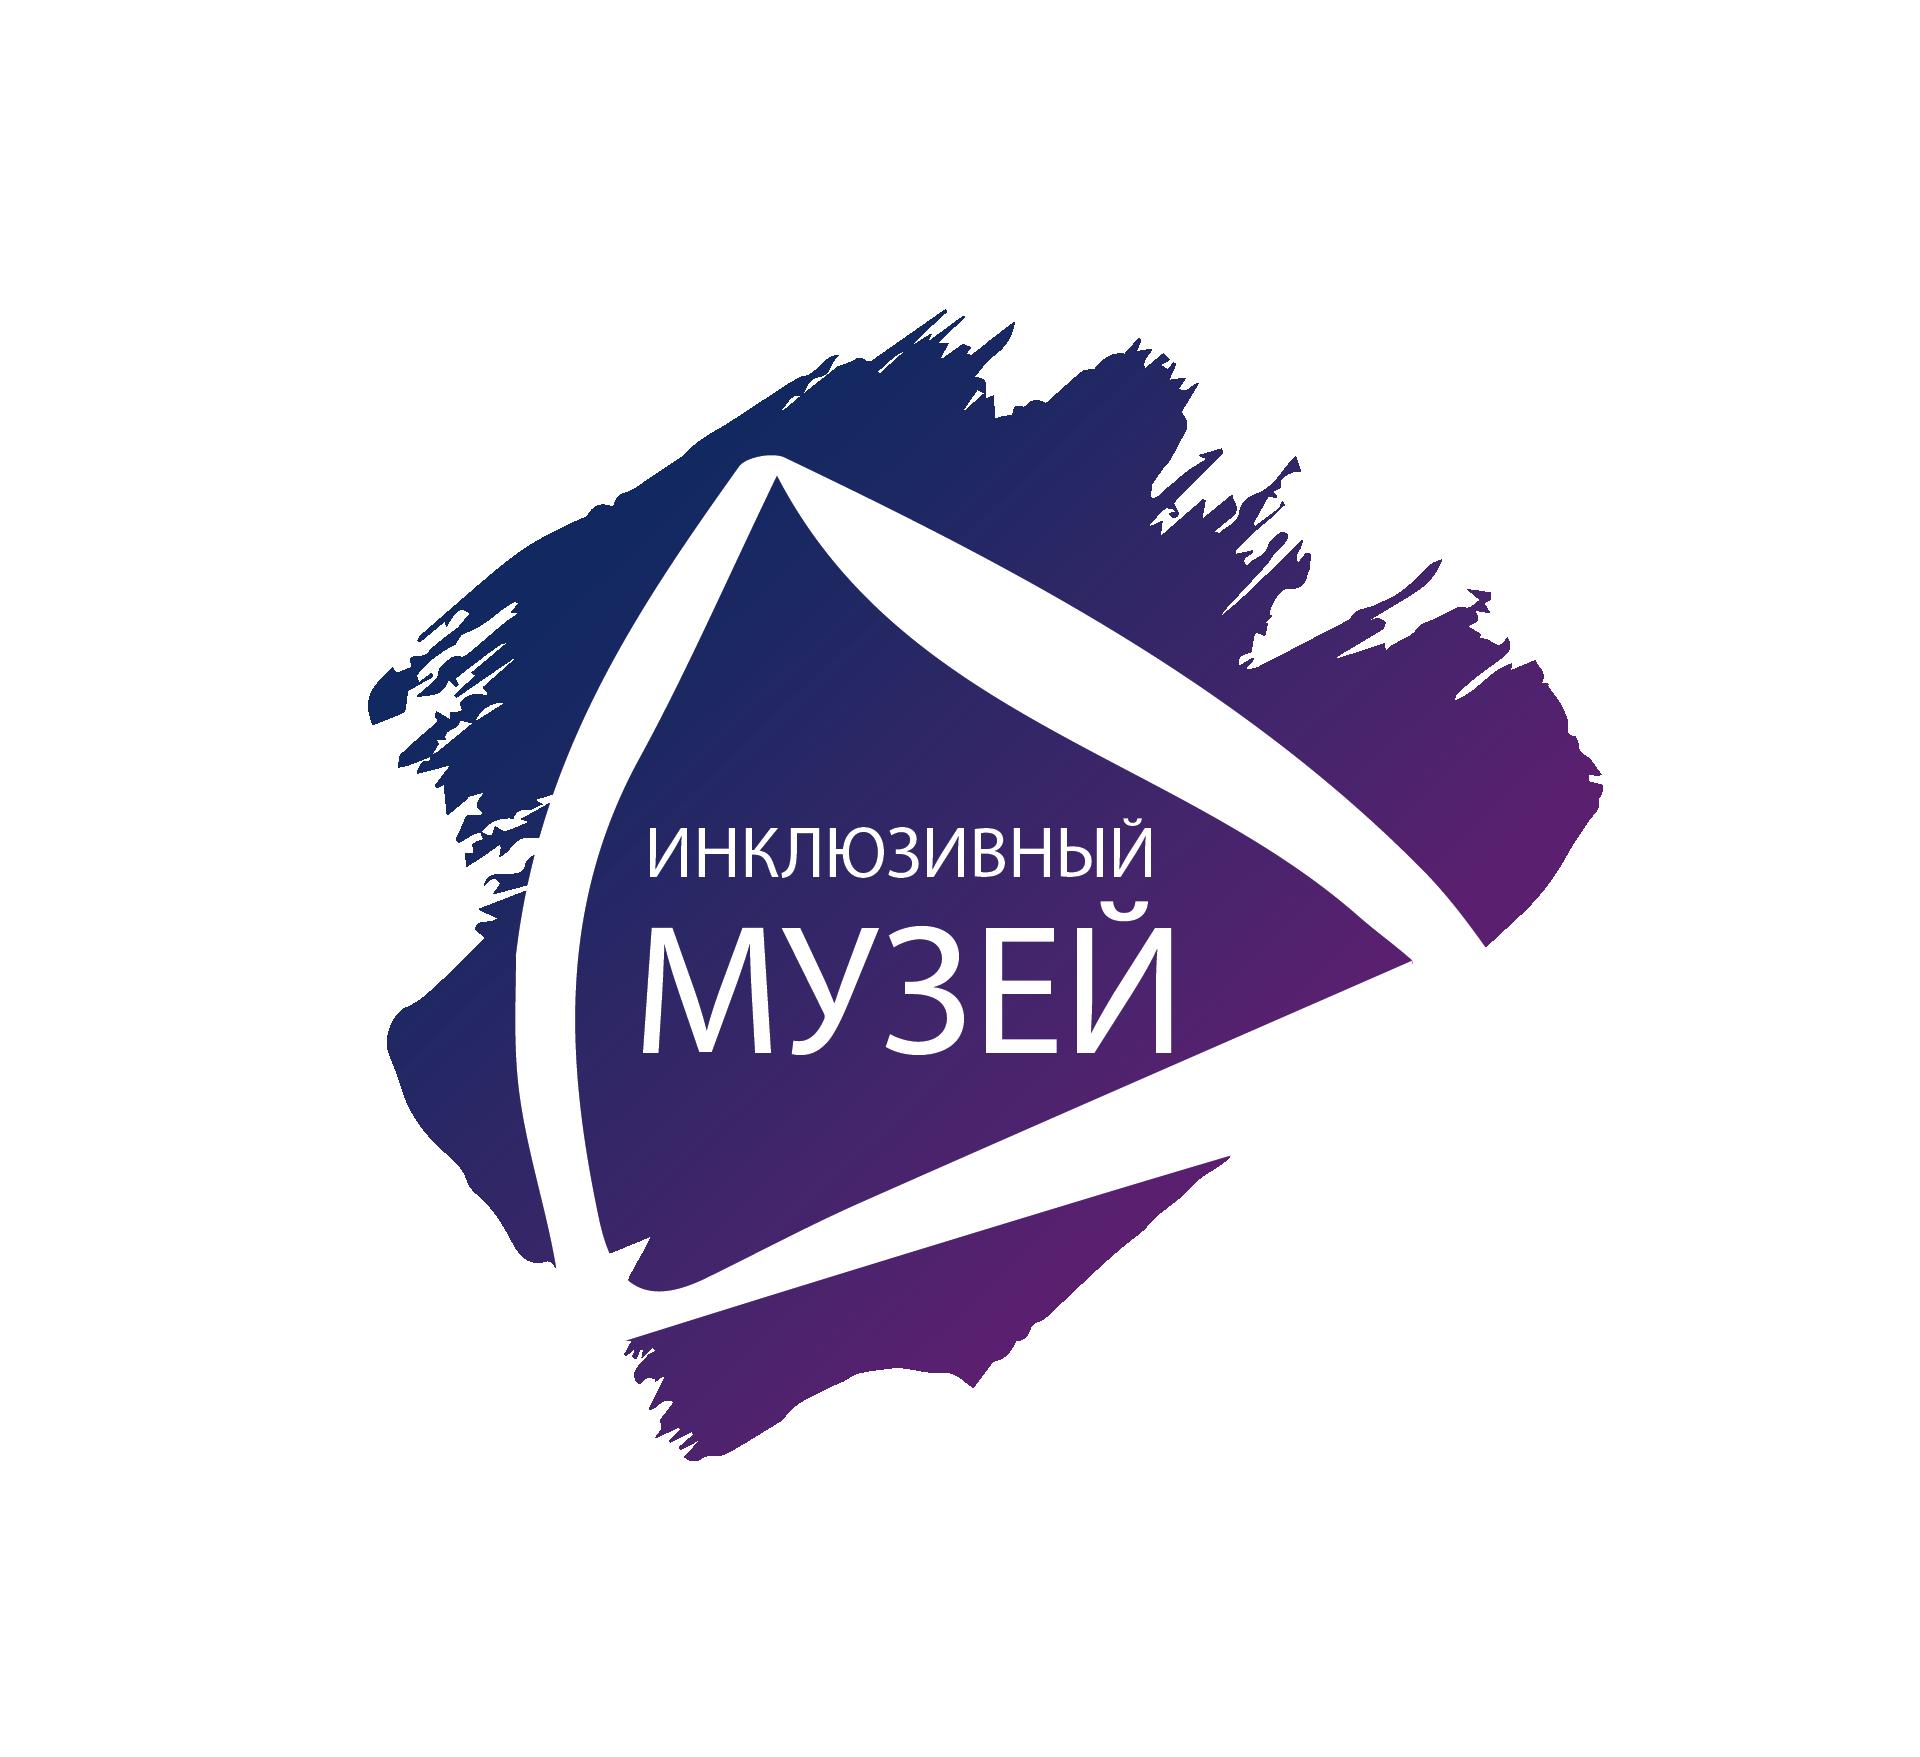 Калужская область присоединится к акции «Музей для всех»